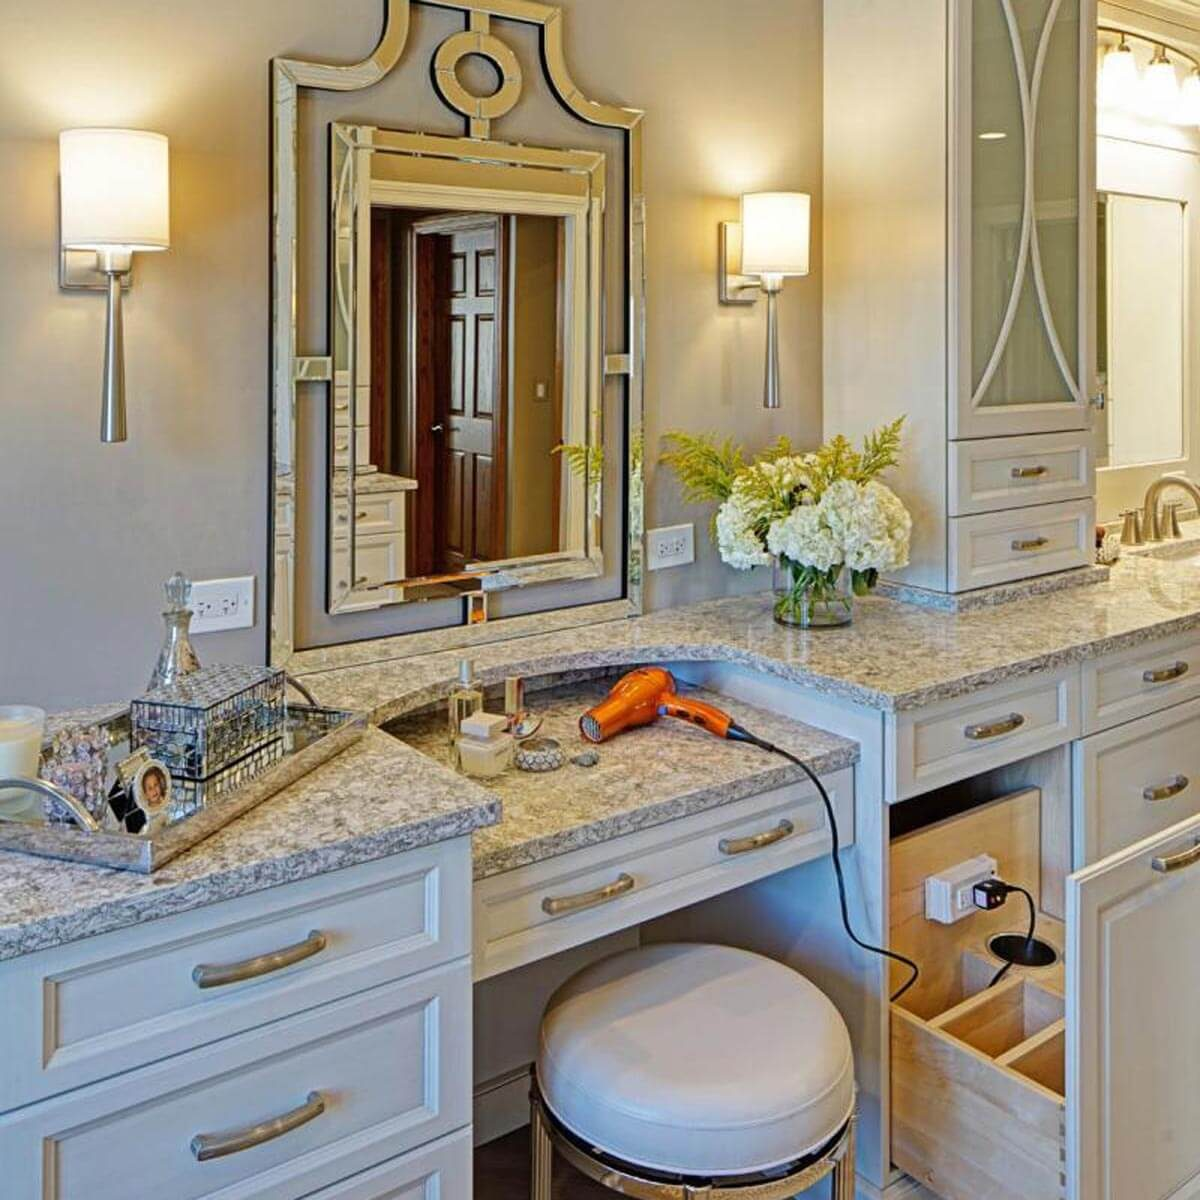 bathroom make-up vanity hidden outlet